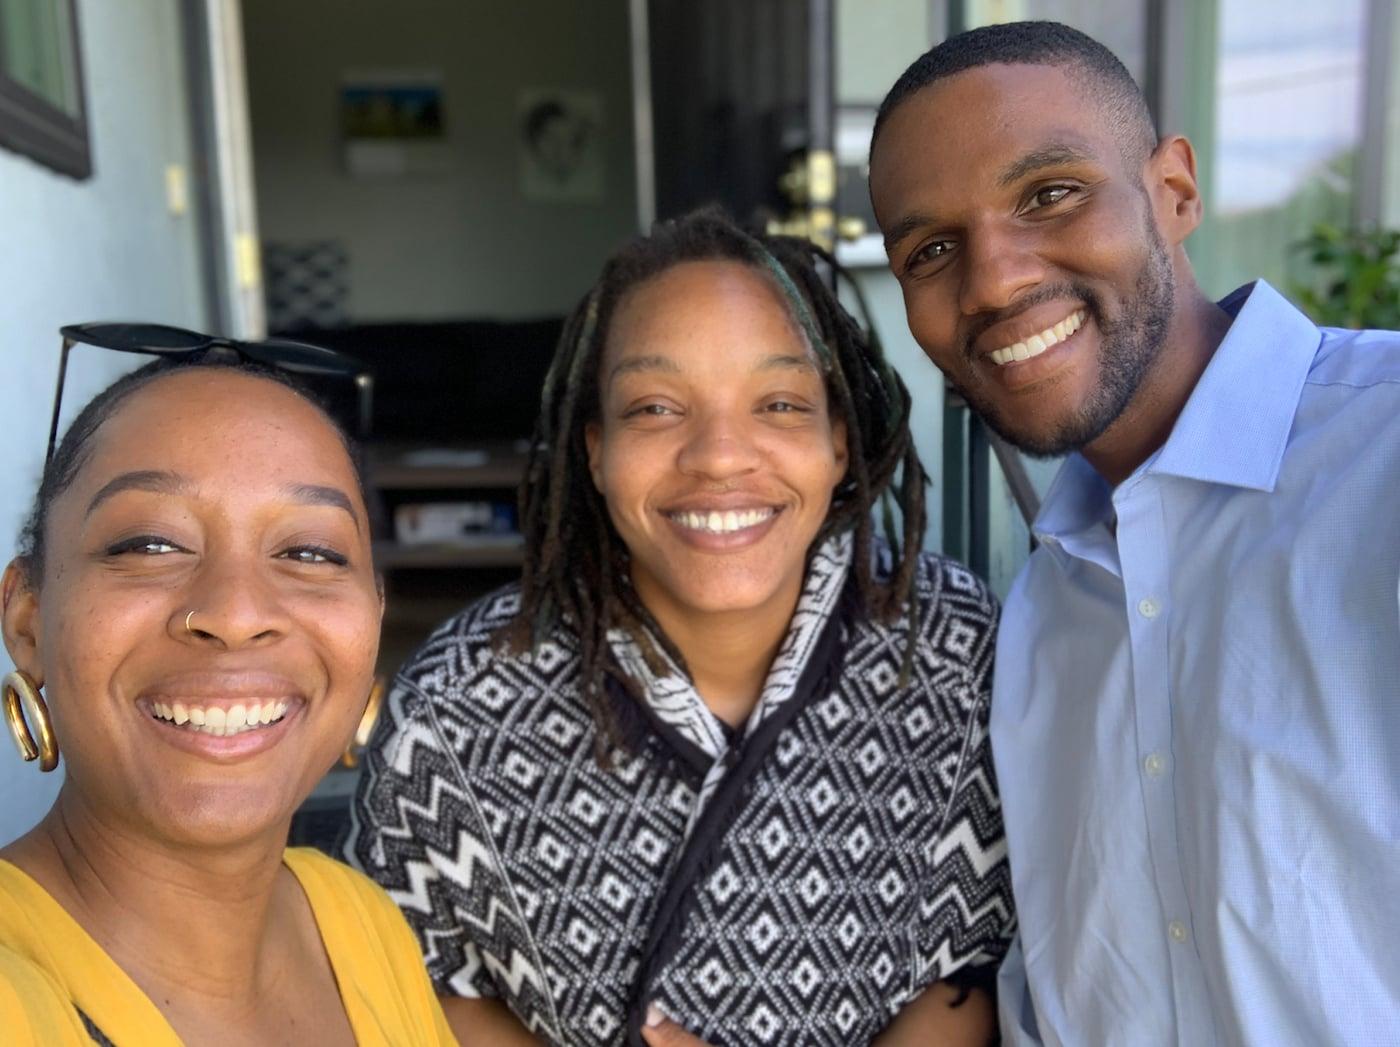 Un gruppo di tre persone sorridenti, in posa per una foto nella loro casa.